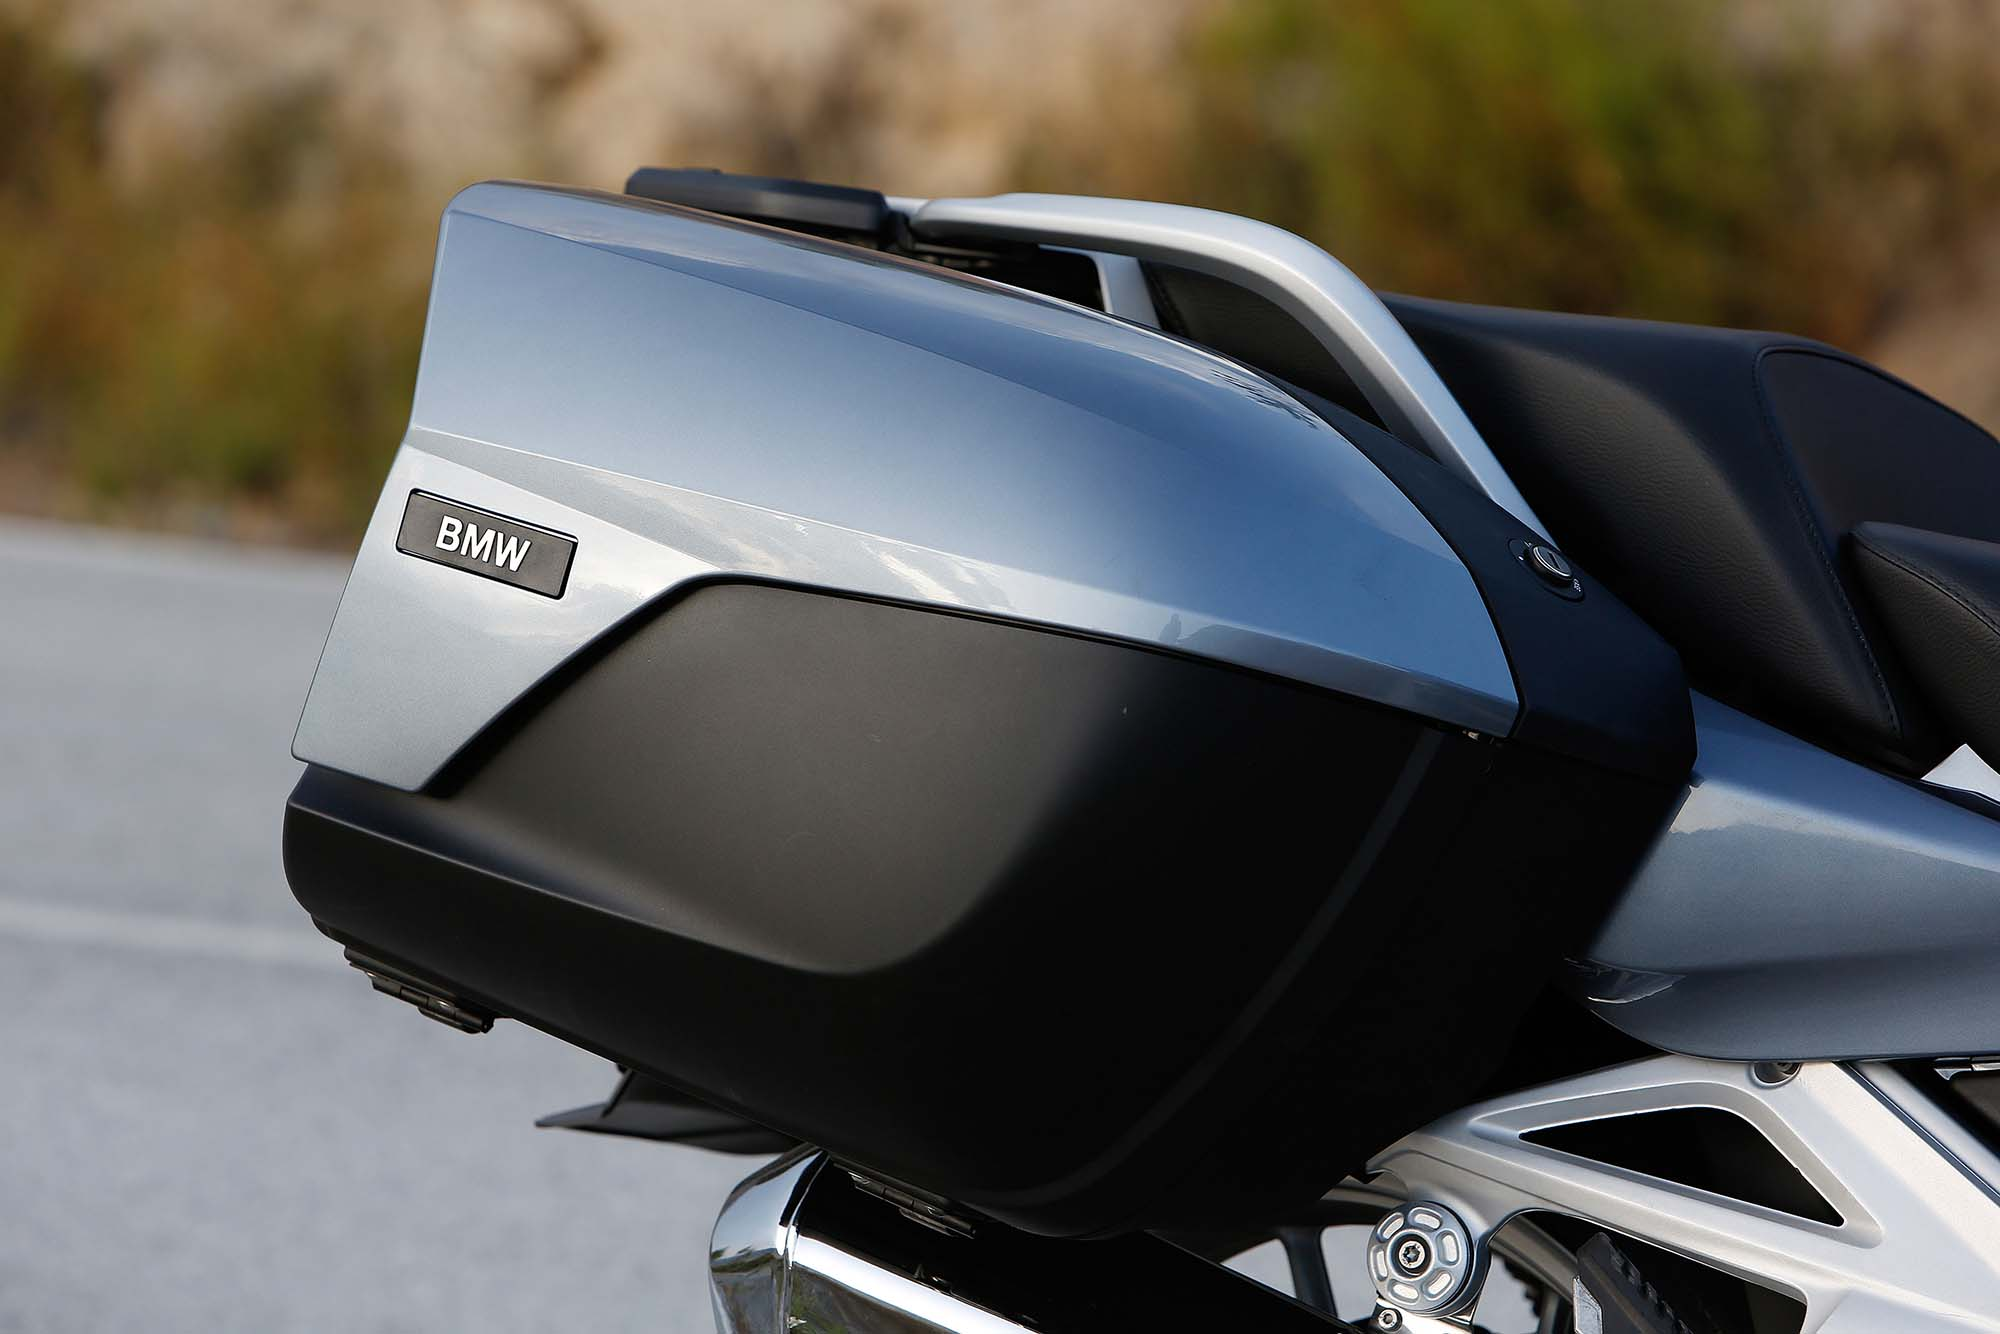 2014 bmw r1200rt cooler heads prevail asphalt rubber. Black Bedroom Furniture Sets. Home Design Ideas